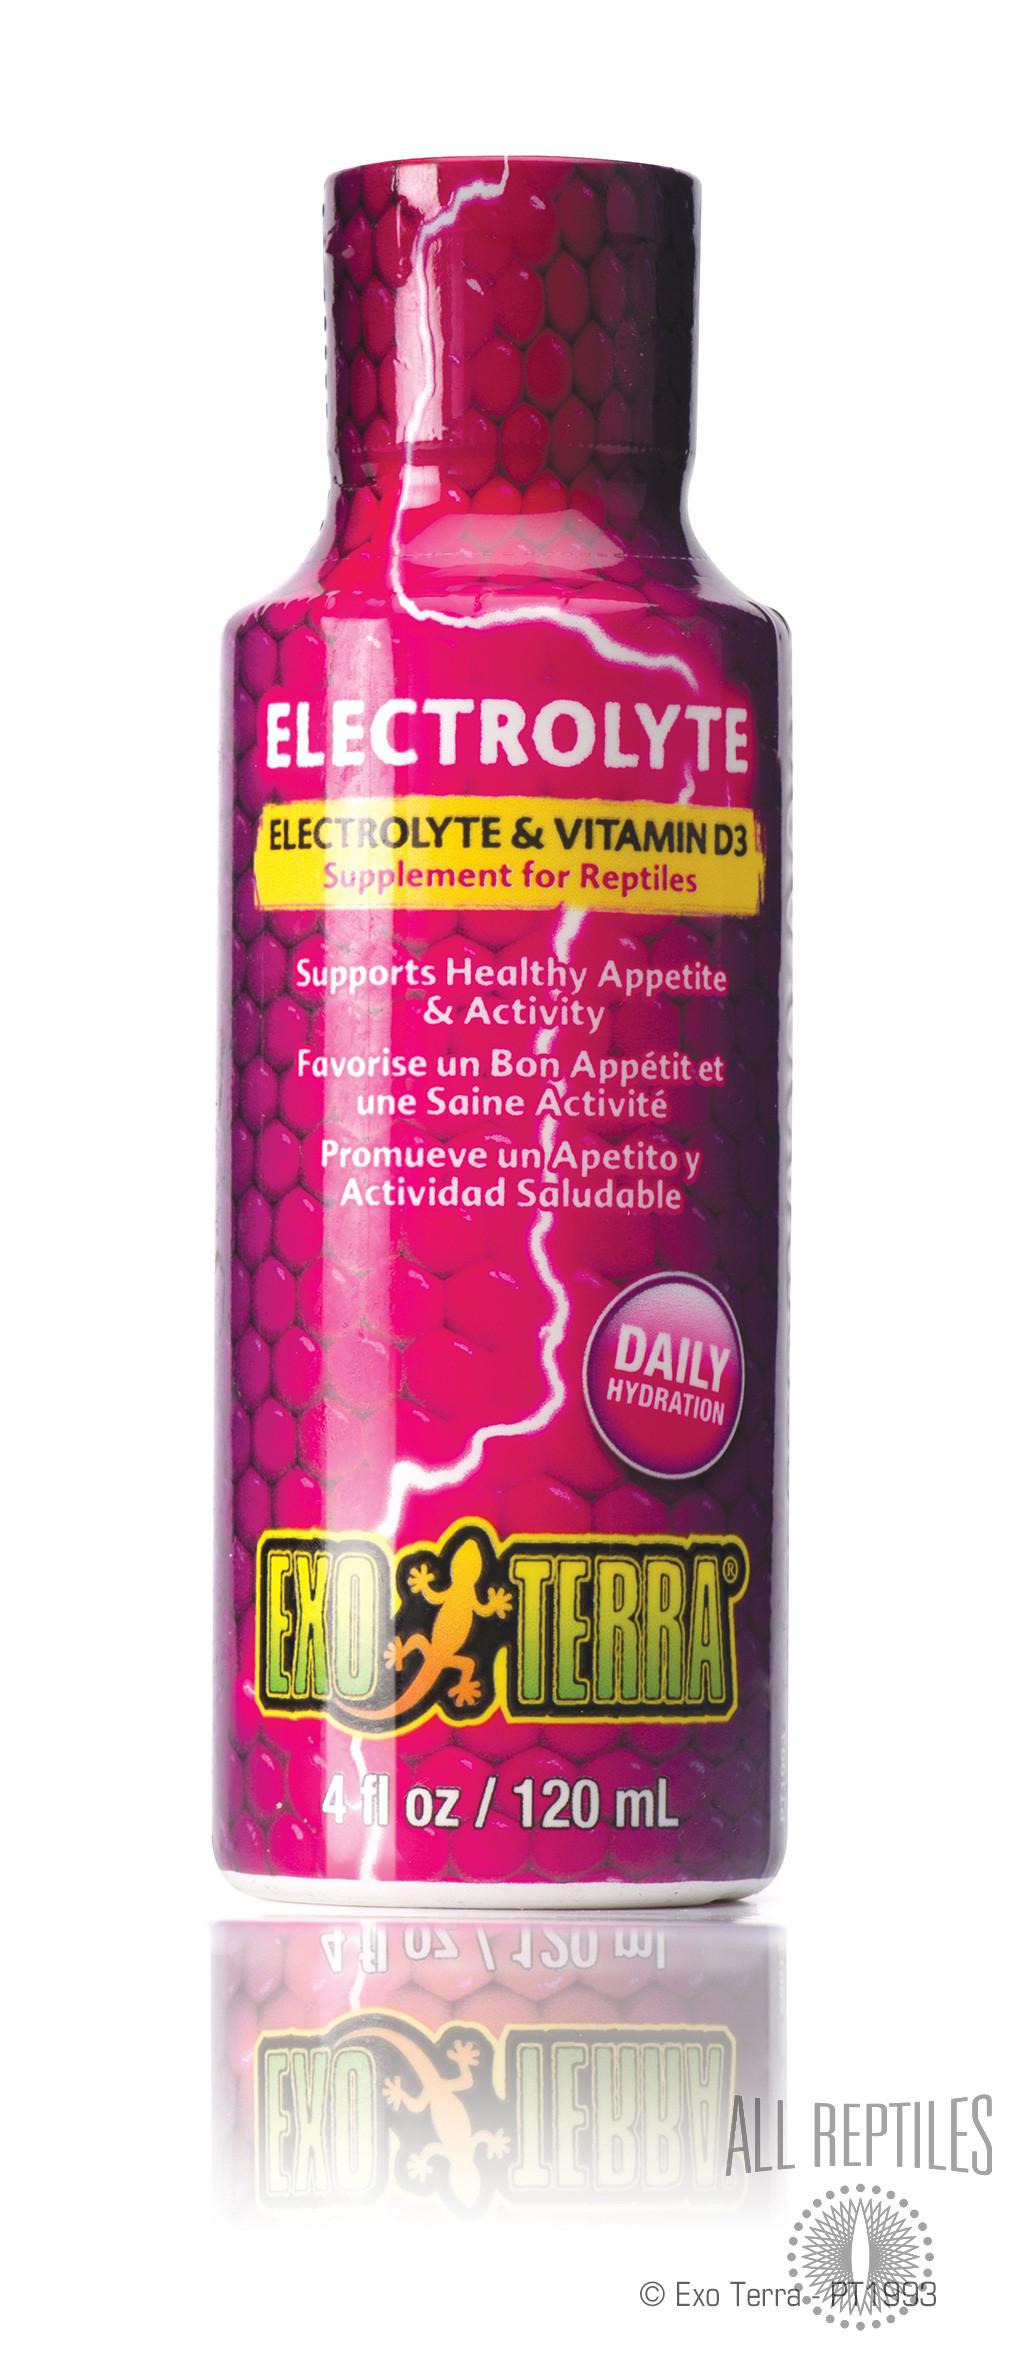 Exo Terra Electrolyte